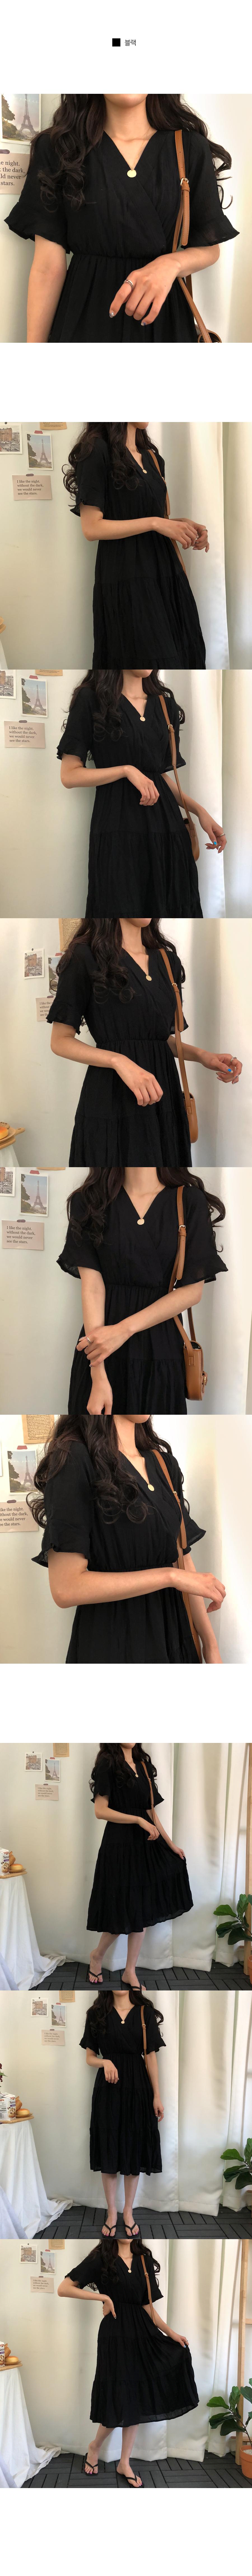 Flody linen long dress